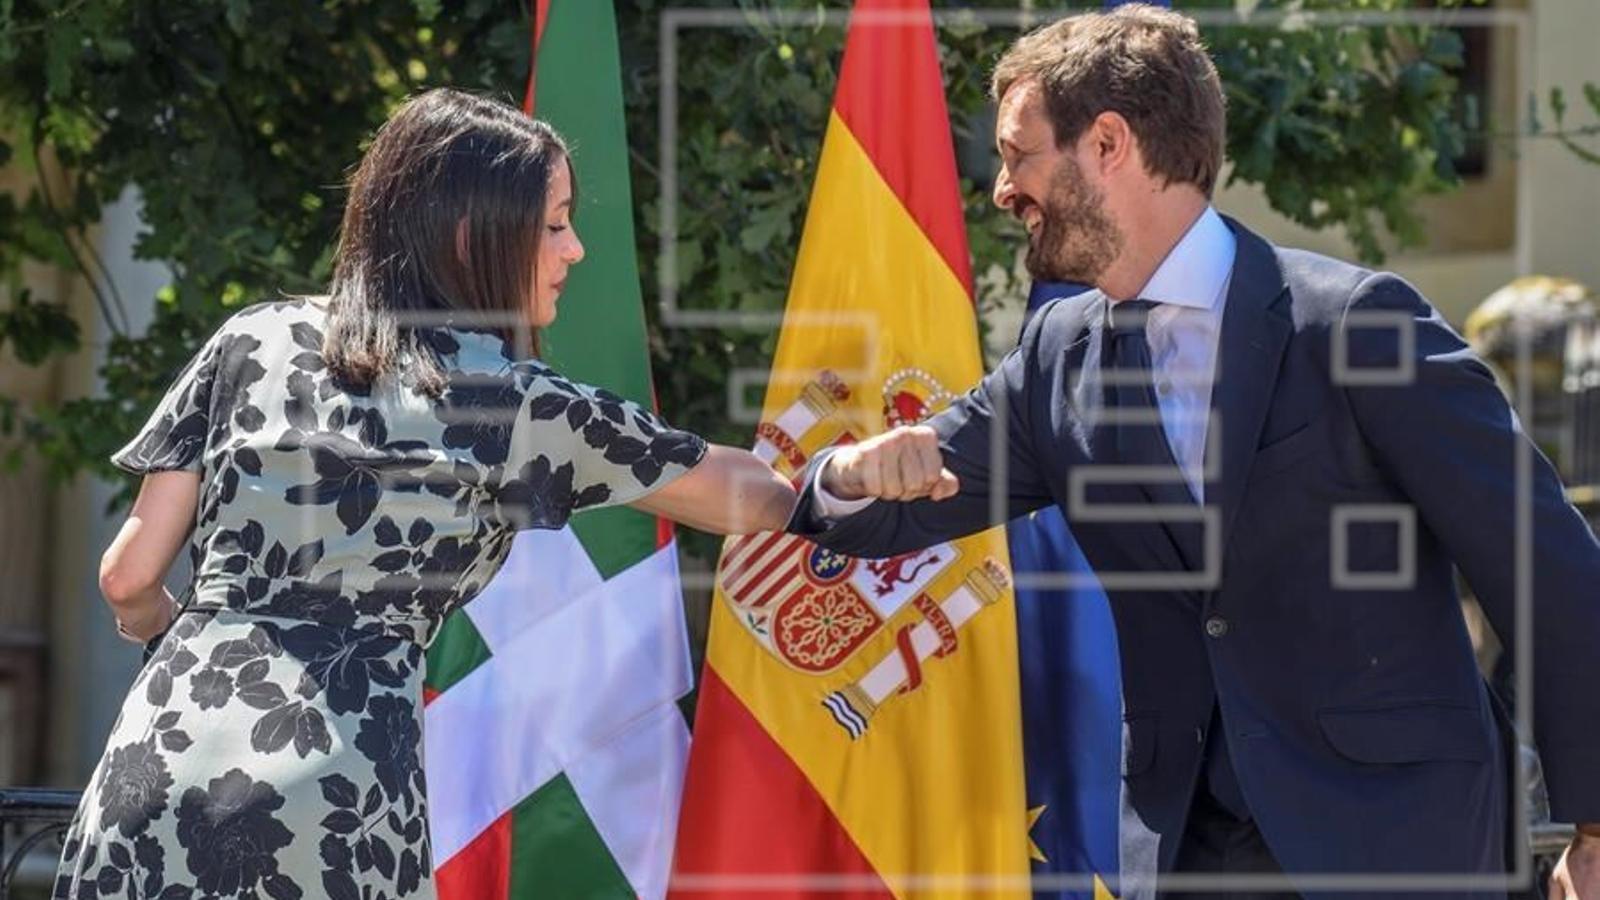 El líder del PP, Pablo Casado, i la cap de files de Cs, Inés Arrimadas, saludant-se aquest diumenge en un acte de campanya conjunt a Euskadi